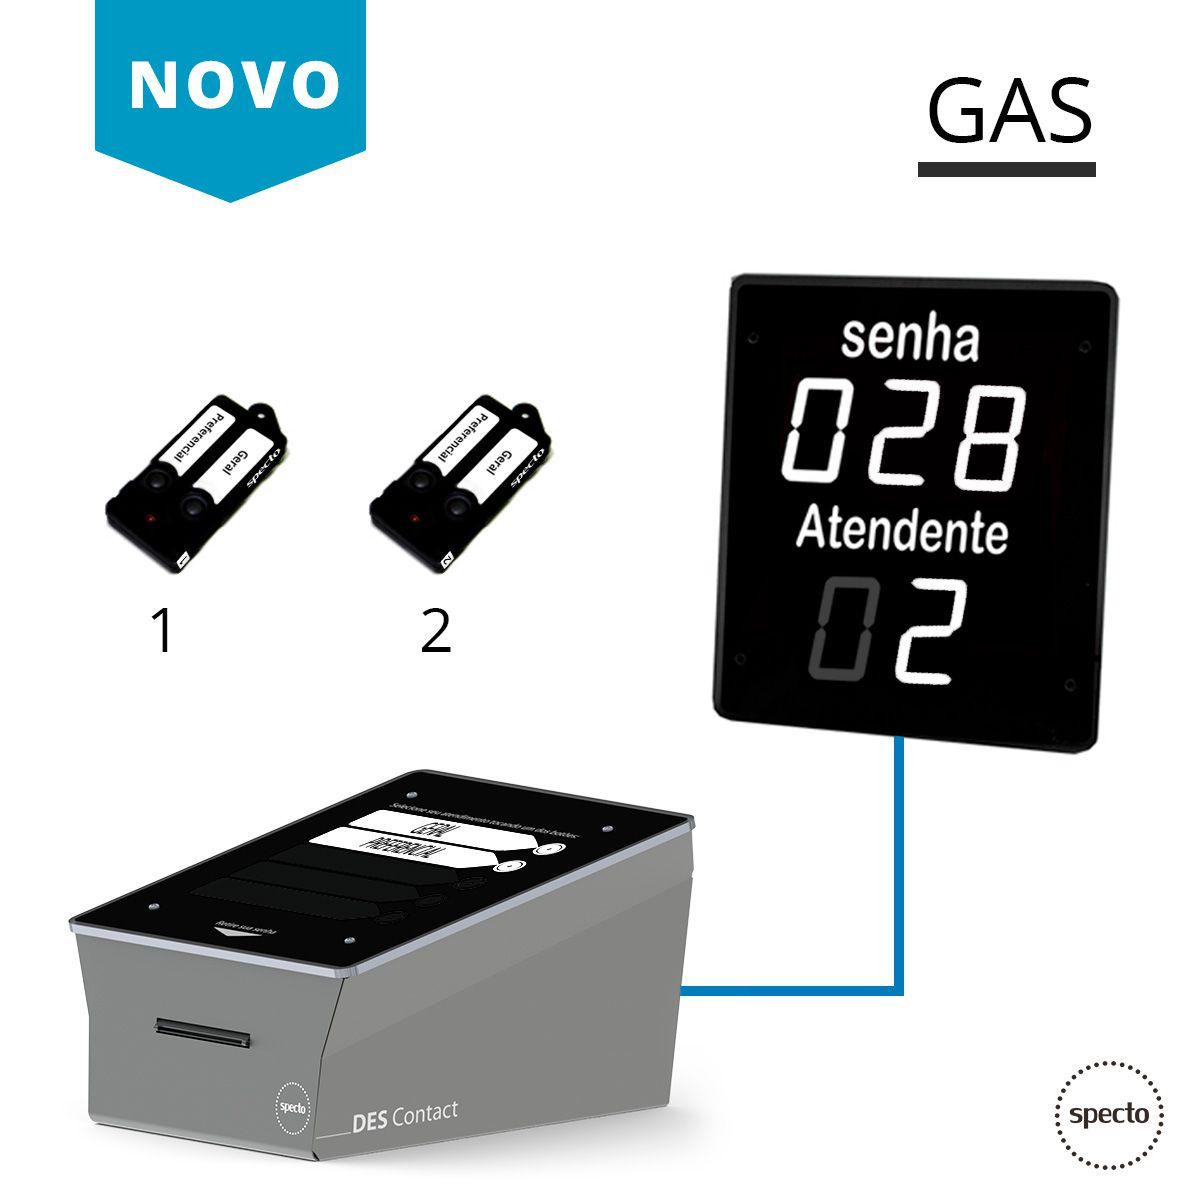 GAS ® Painel de Led Branco + DES Contact  -  Specto Tecnologia